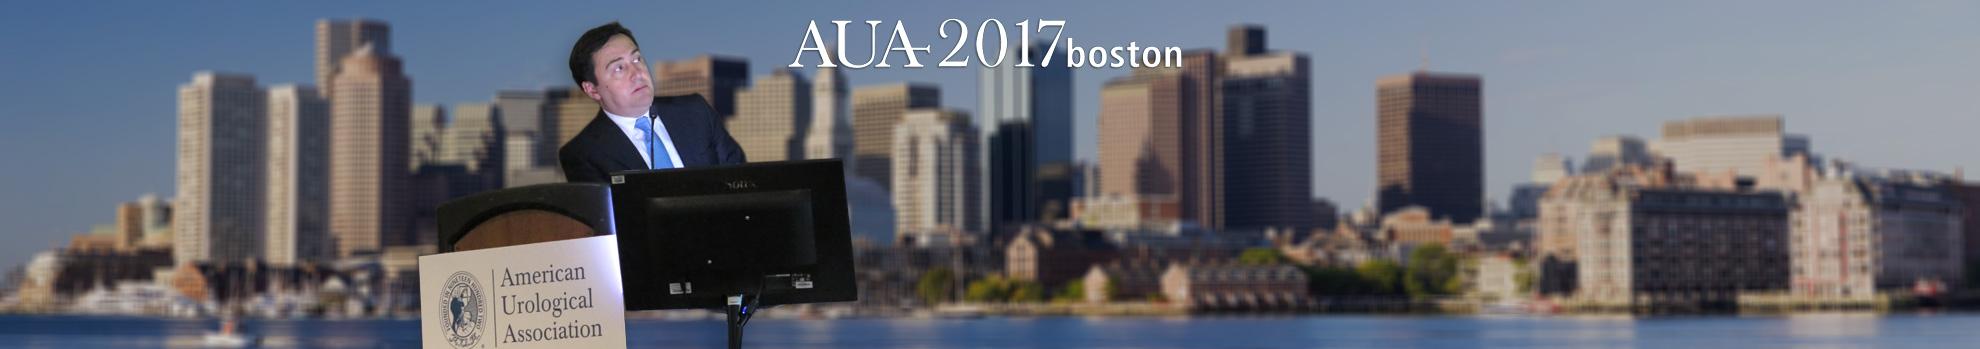 2017-aua-042-3